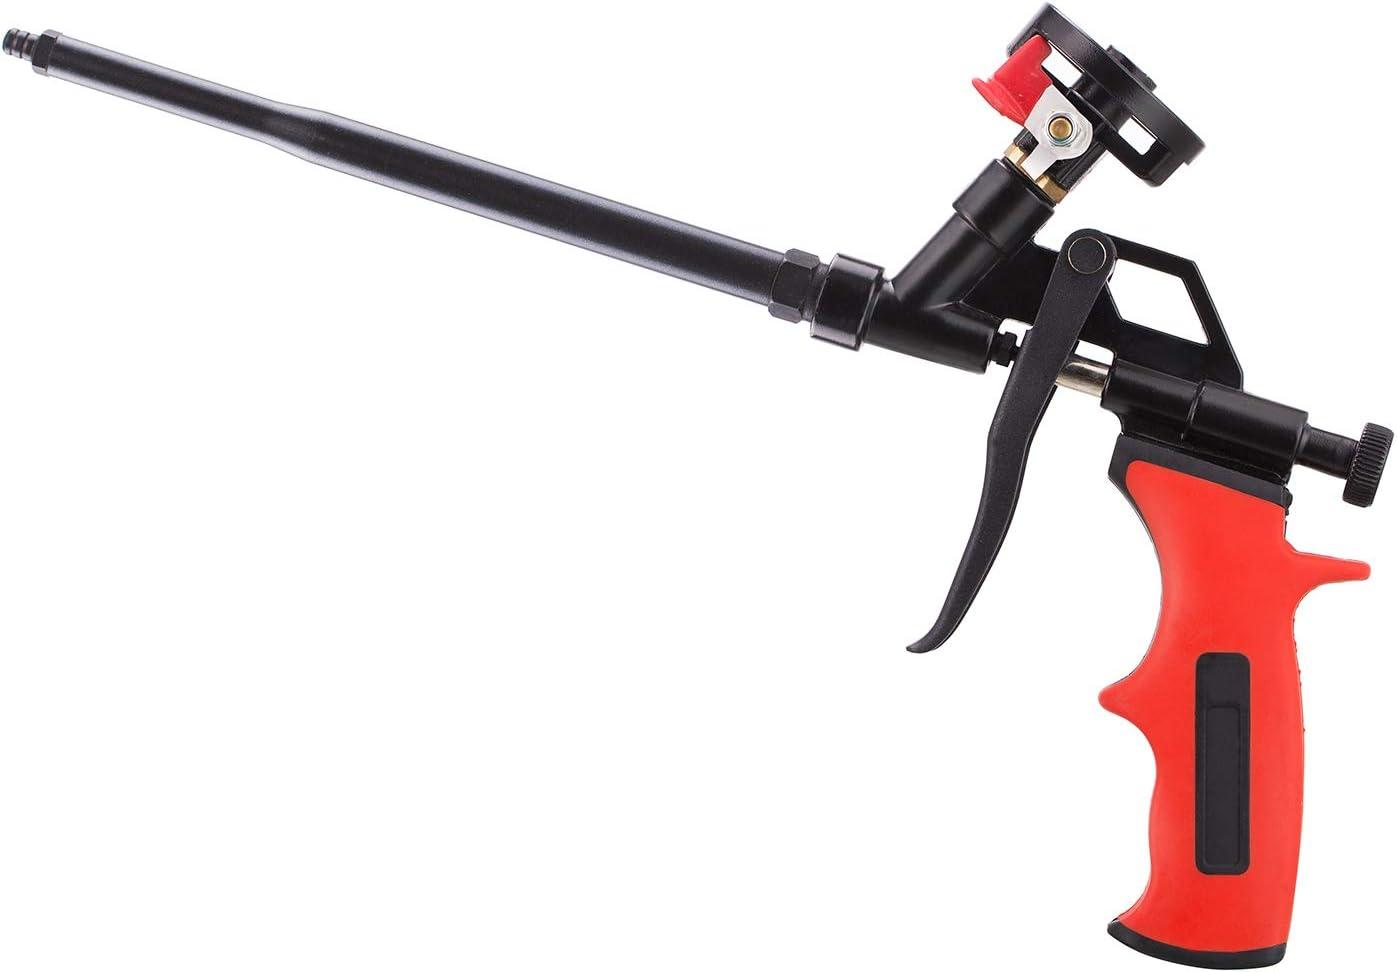 Pistola de espuma, no necesita limpiador, espuma de poliuretano con revestimiento de teflón (PTFE), adecuada para sellar, rellenar, sellar, para el hogar y uso en la oficina, Negro